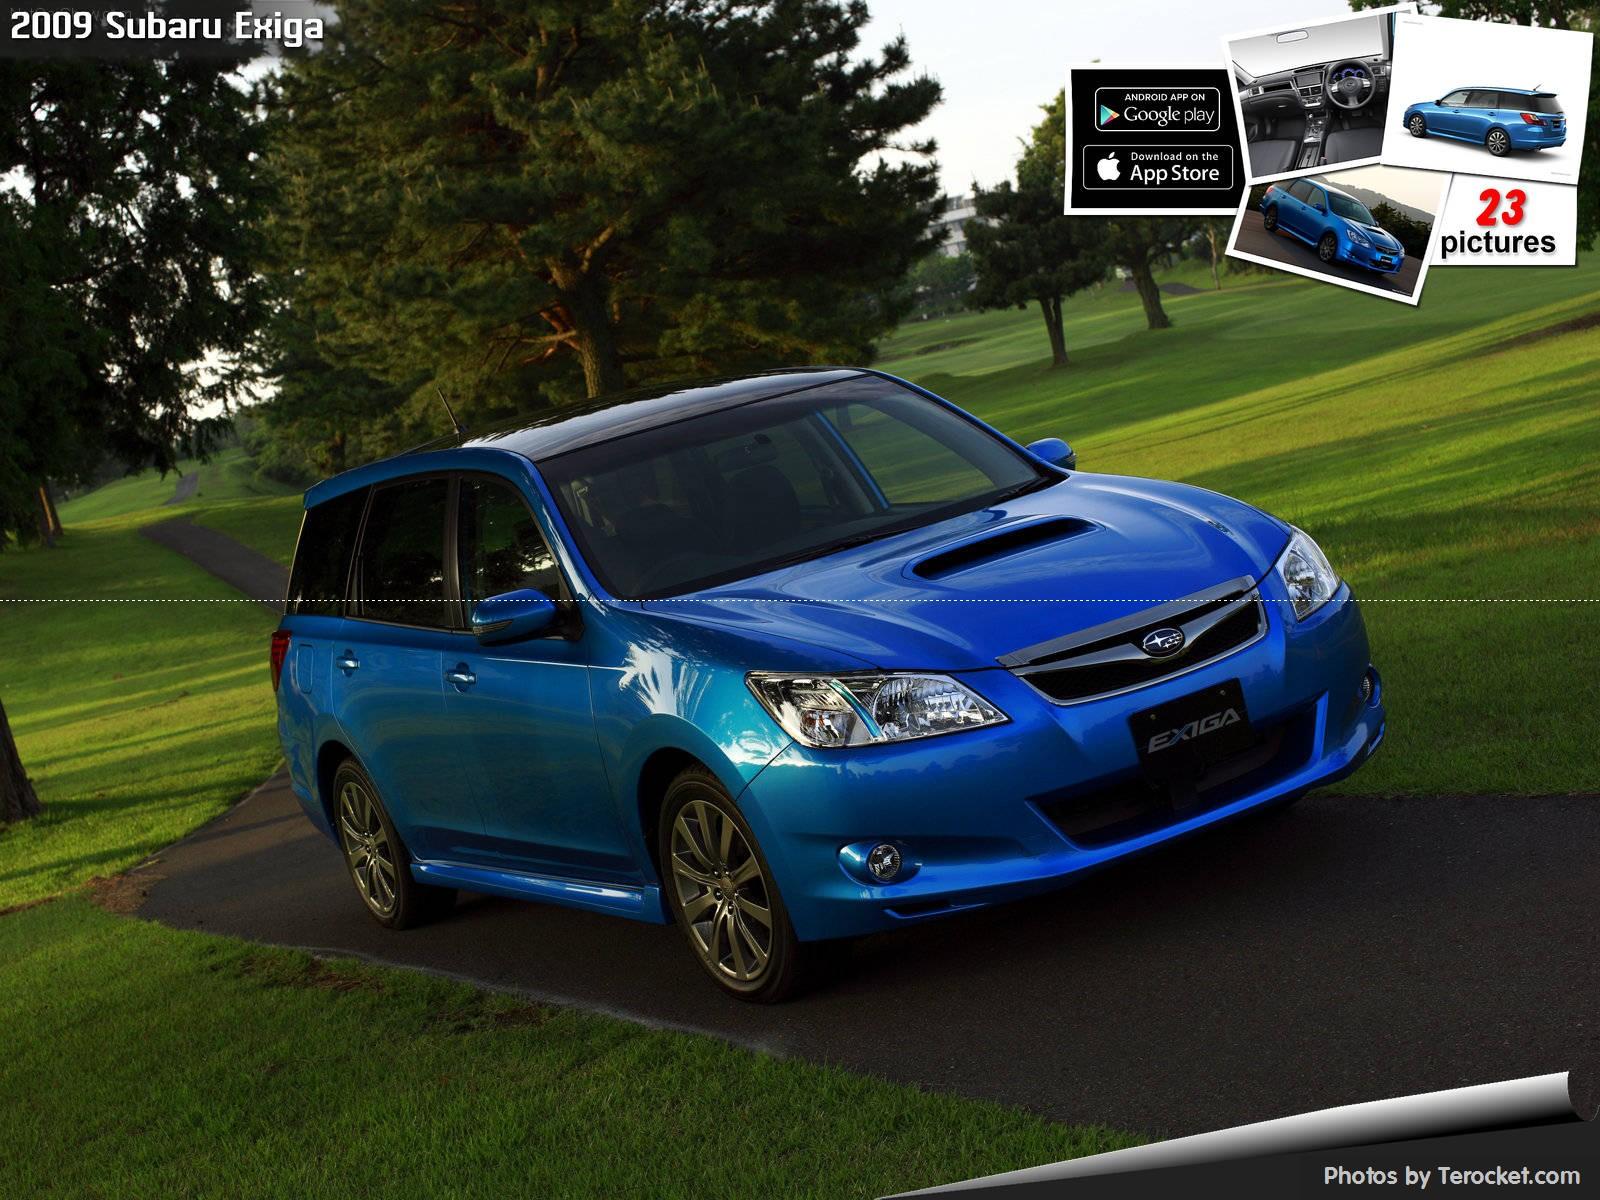 Hình ảnh xe ô tô Subaru Exiga 2009 & nội ngoại thất